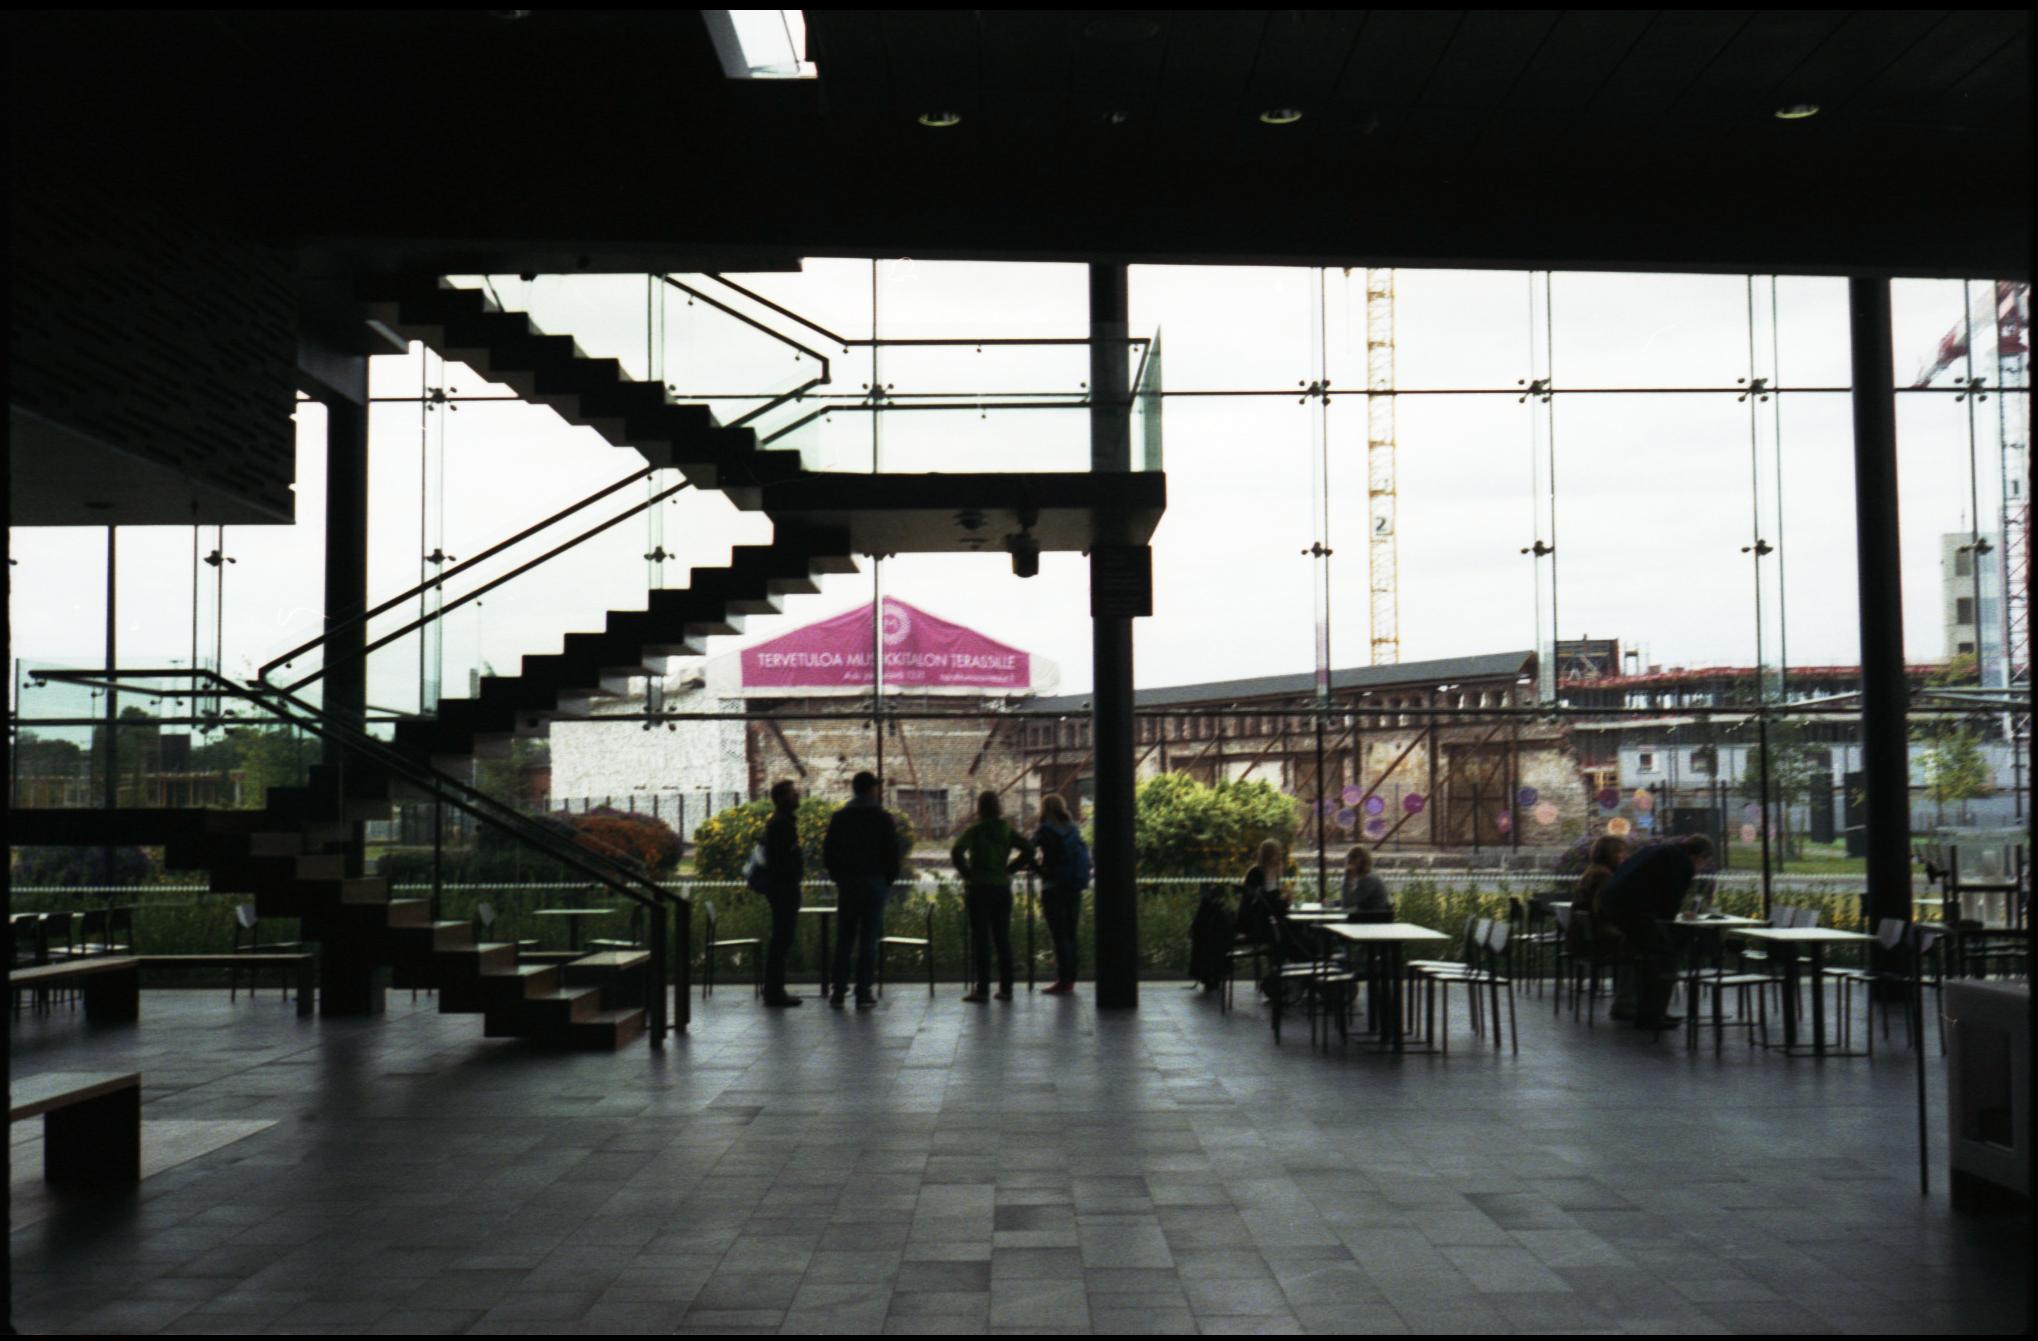 Music Centre Musiikkitalo